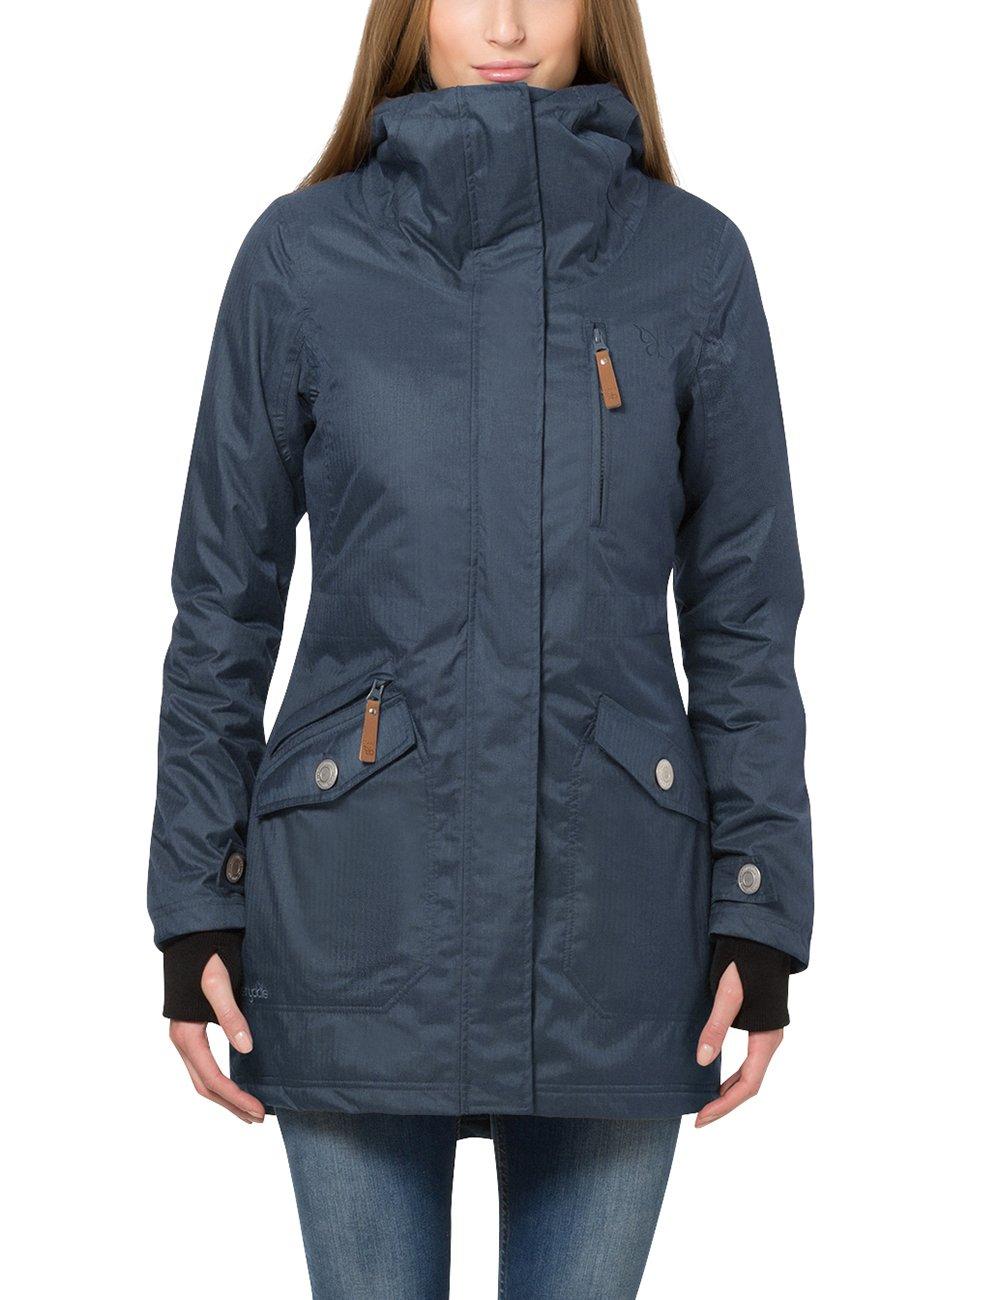 Women's Wind and Waterproof Parka Jacket